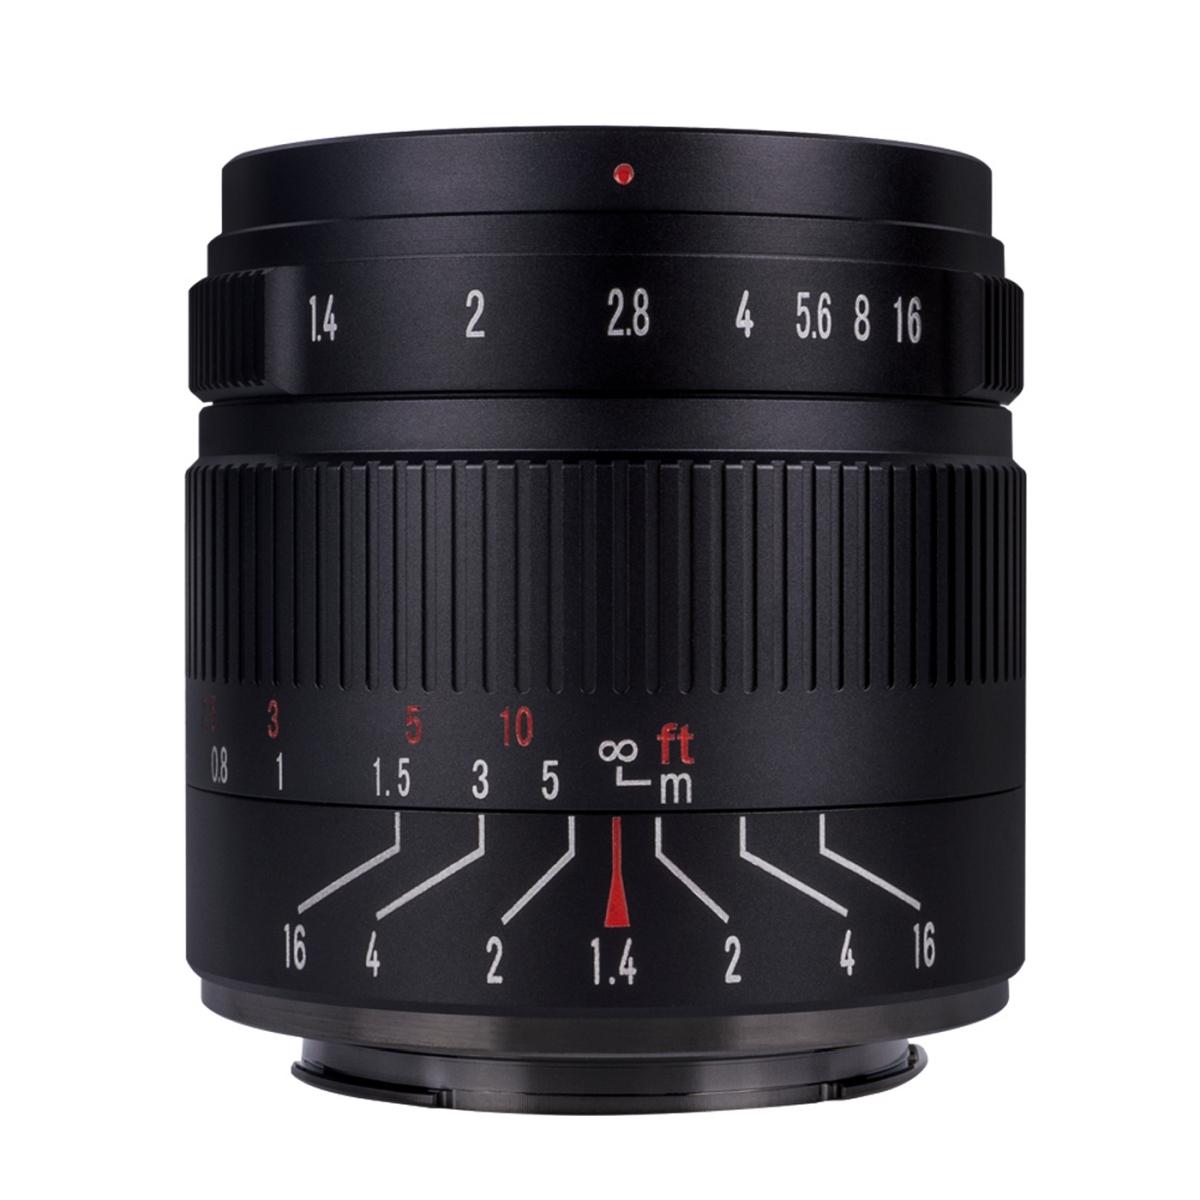 7Artisans 55 mm 1:1,4 II für Sony E